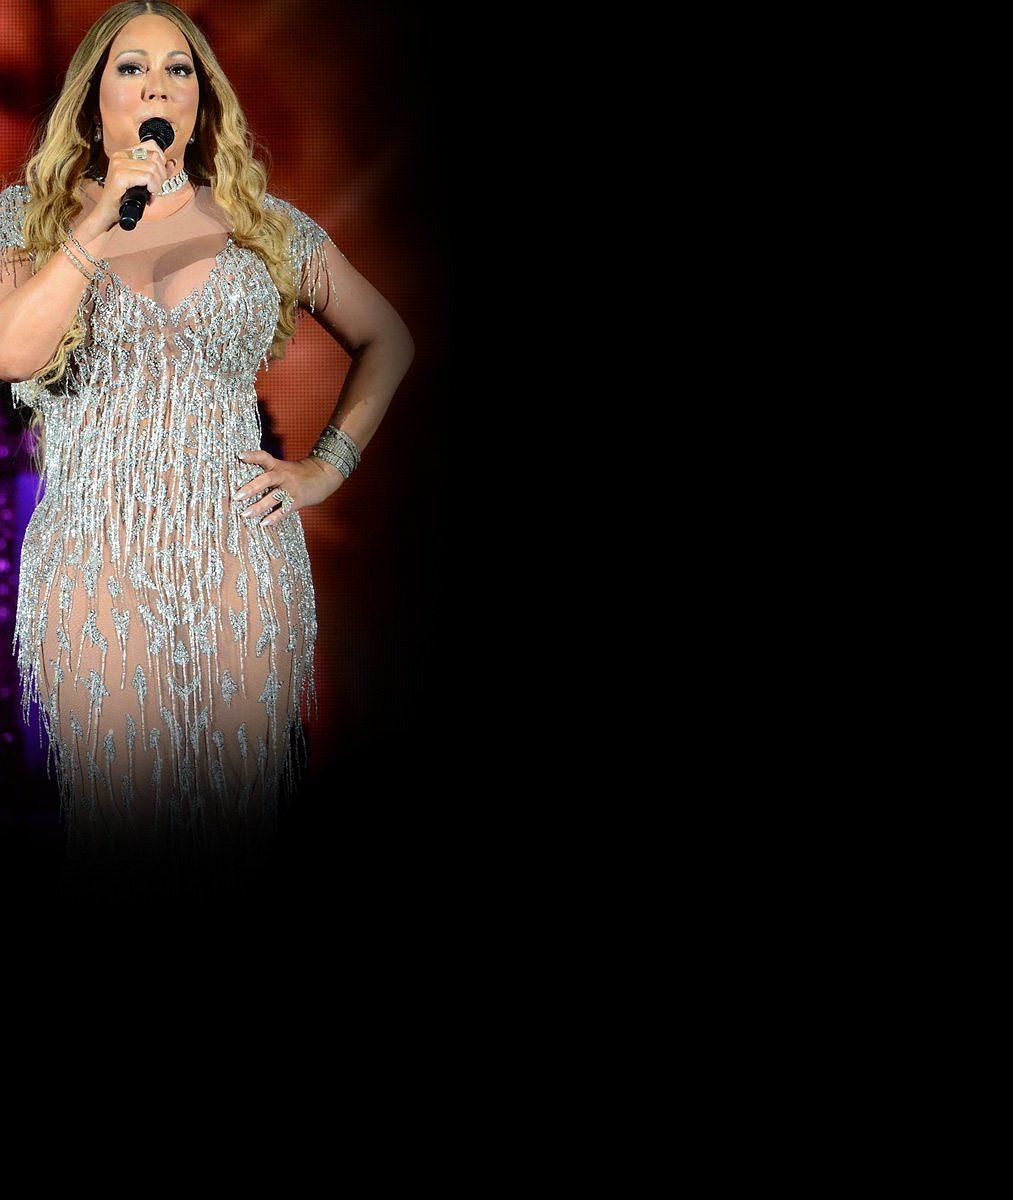 Neměla by raději nosit šaty až ke kotníkům? Oplácaná Mariah Carey ukázala nevýstavní část svého těla